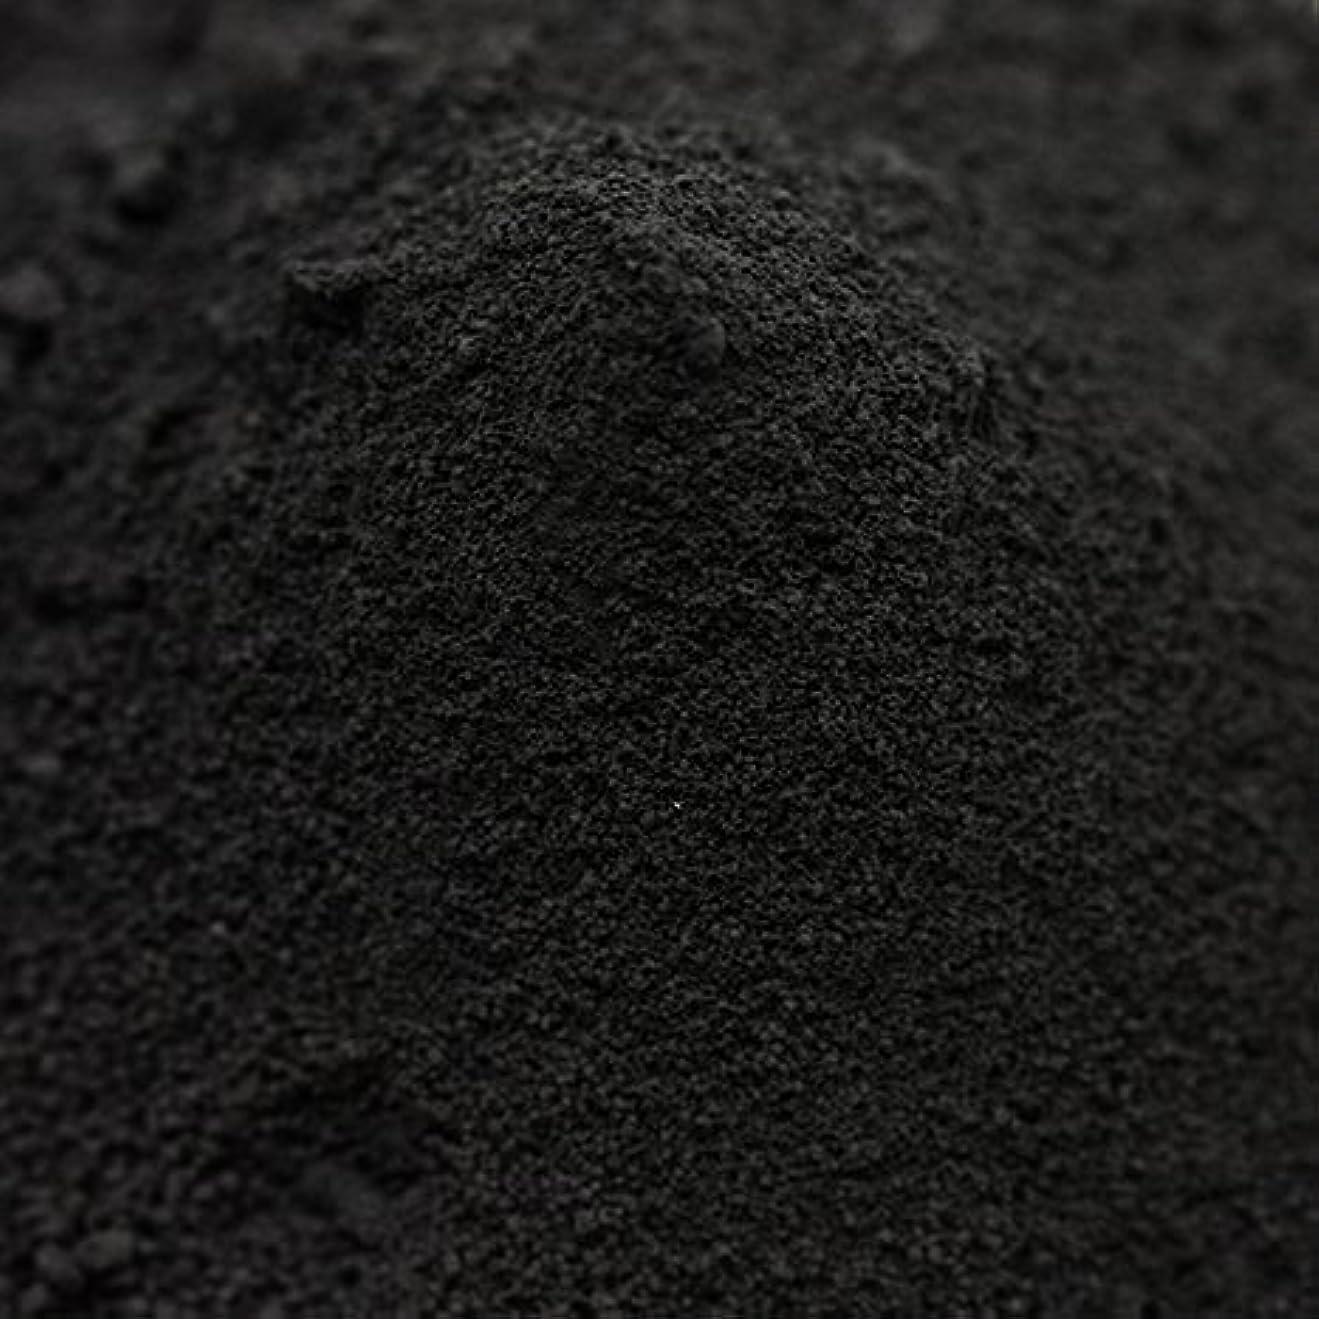 横爆発する特異性竹炭パウダー(超微粉末) 20g 【手作り石鹸/手作りコスメに】